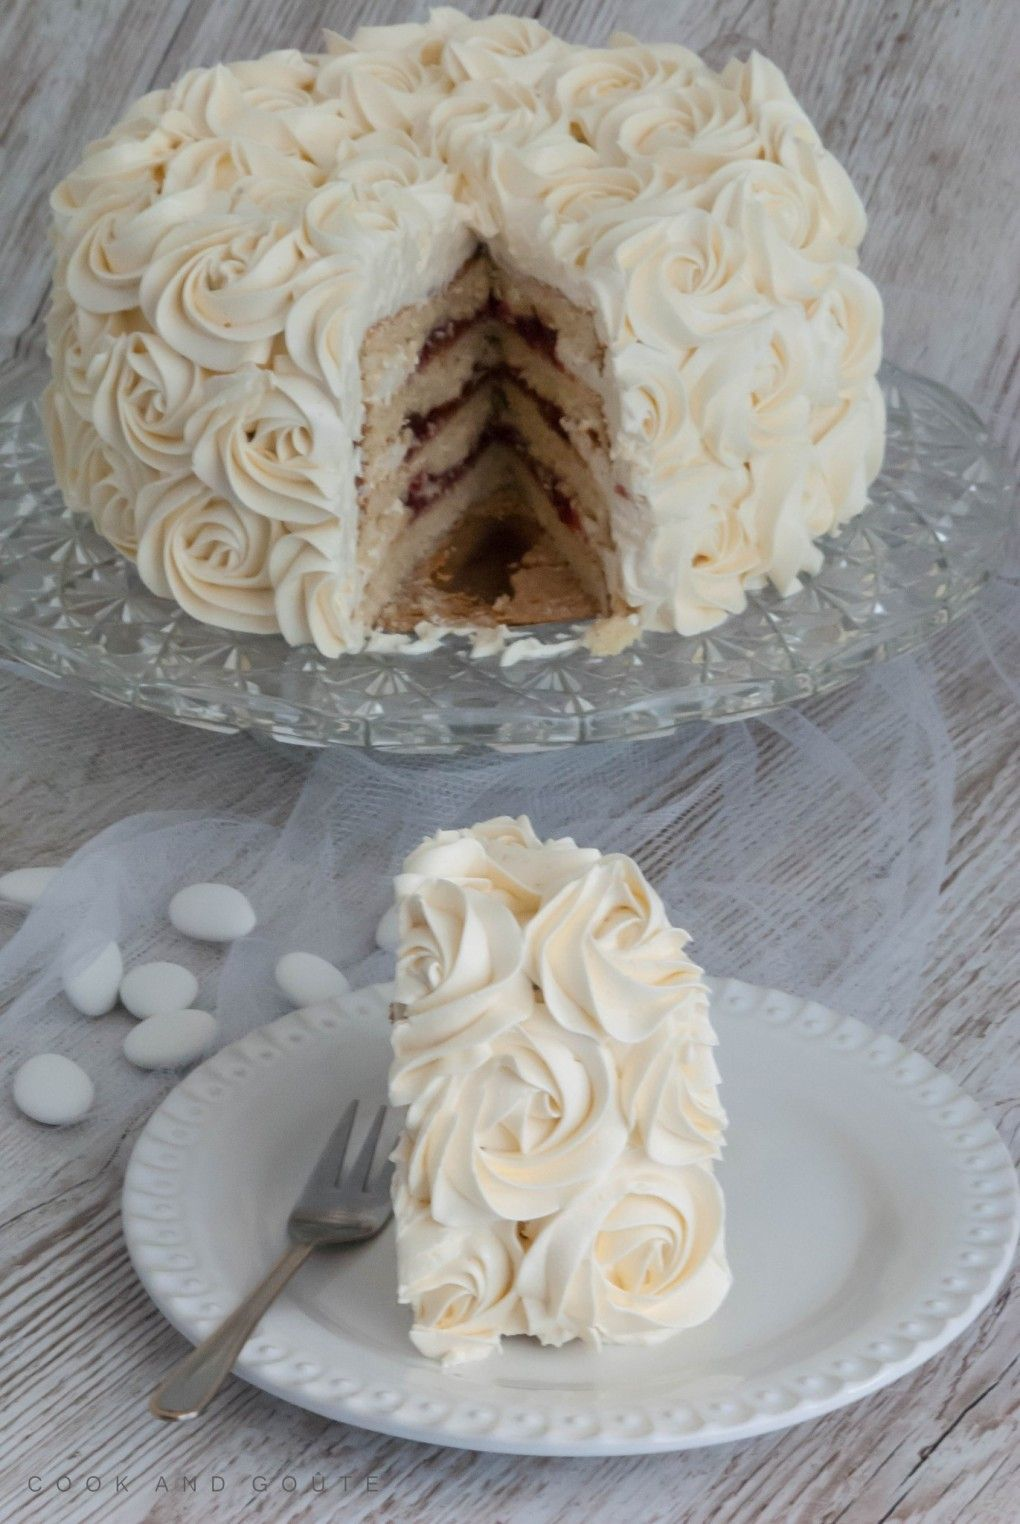 Le rose cake le plus simple des cakes design  Cook and Goûte cake decorating recipes anniversaire chocolat de paques cakes ideas